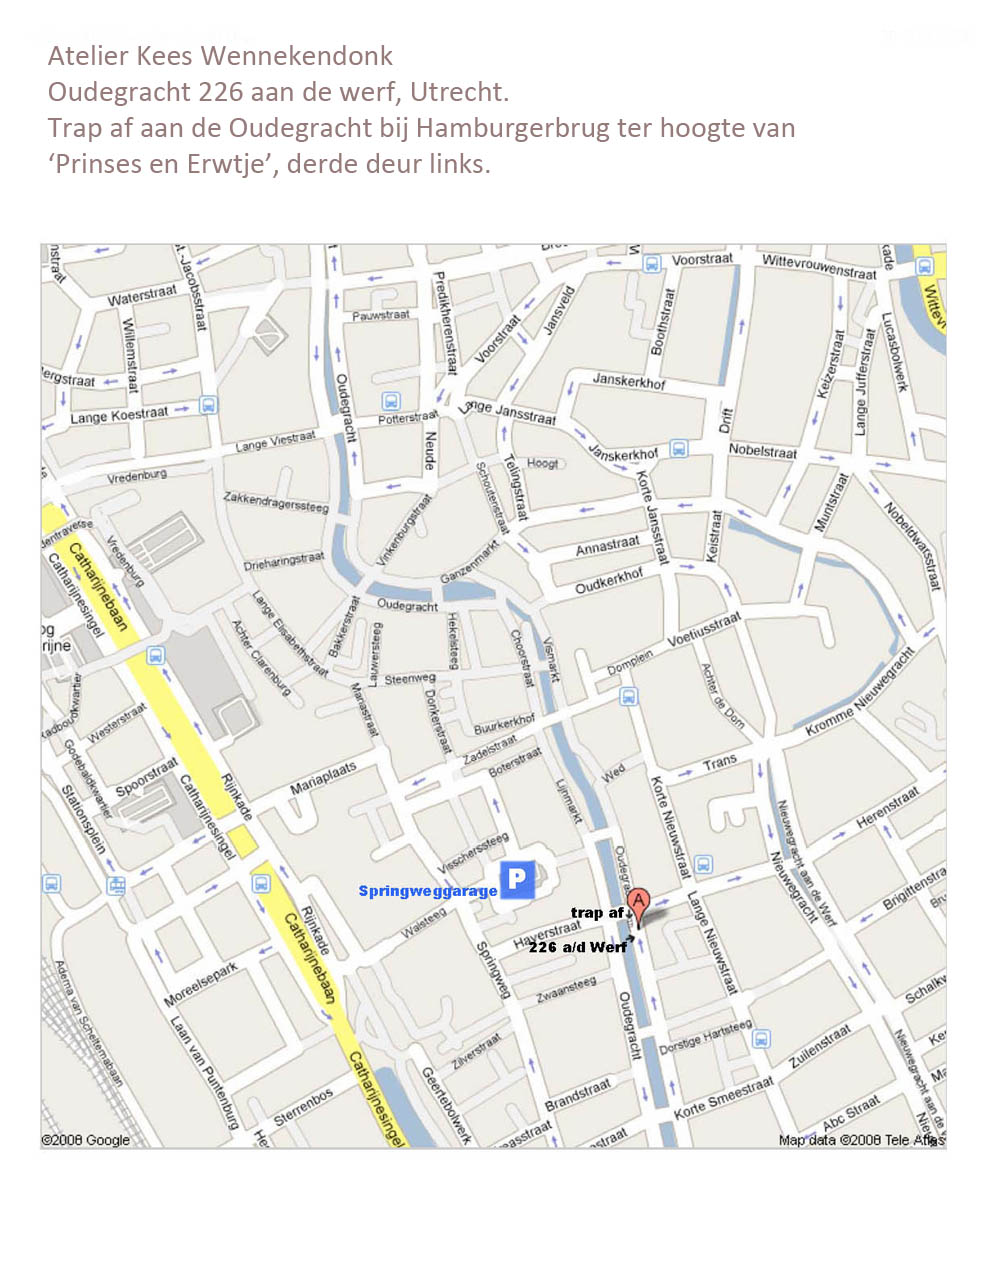 map atelier kees wennekendonk utrecht